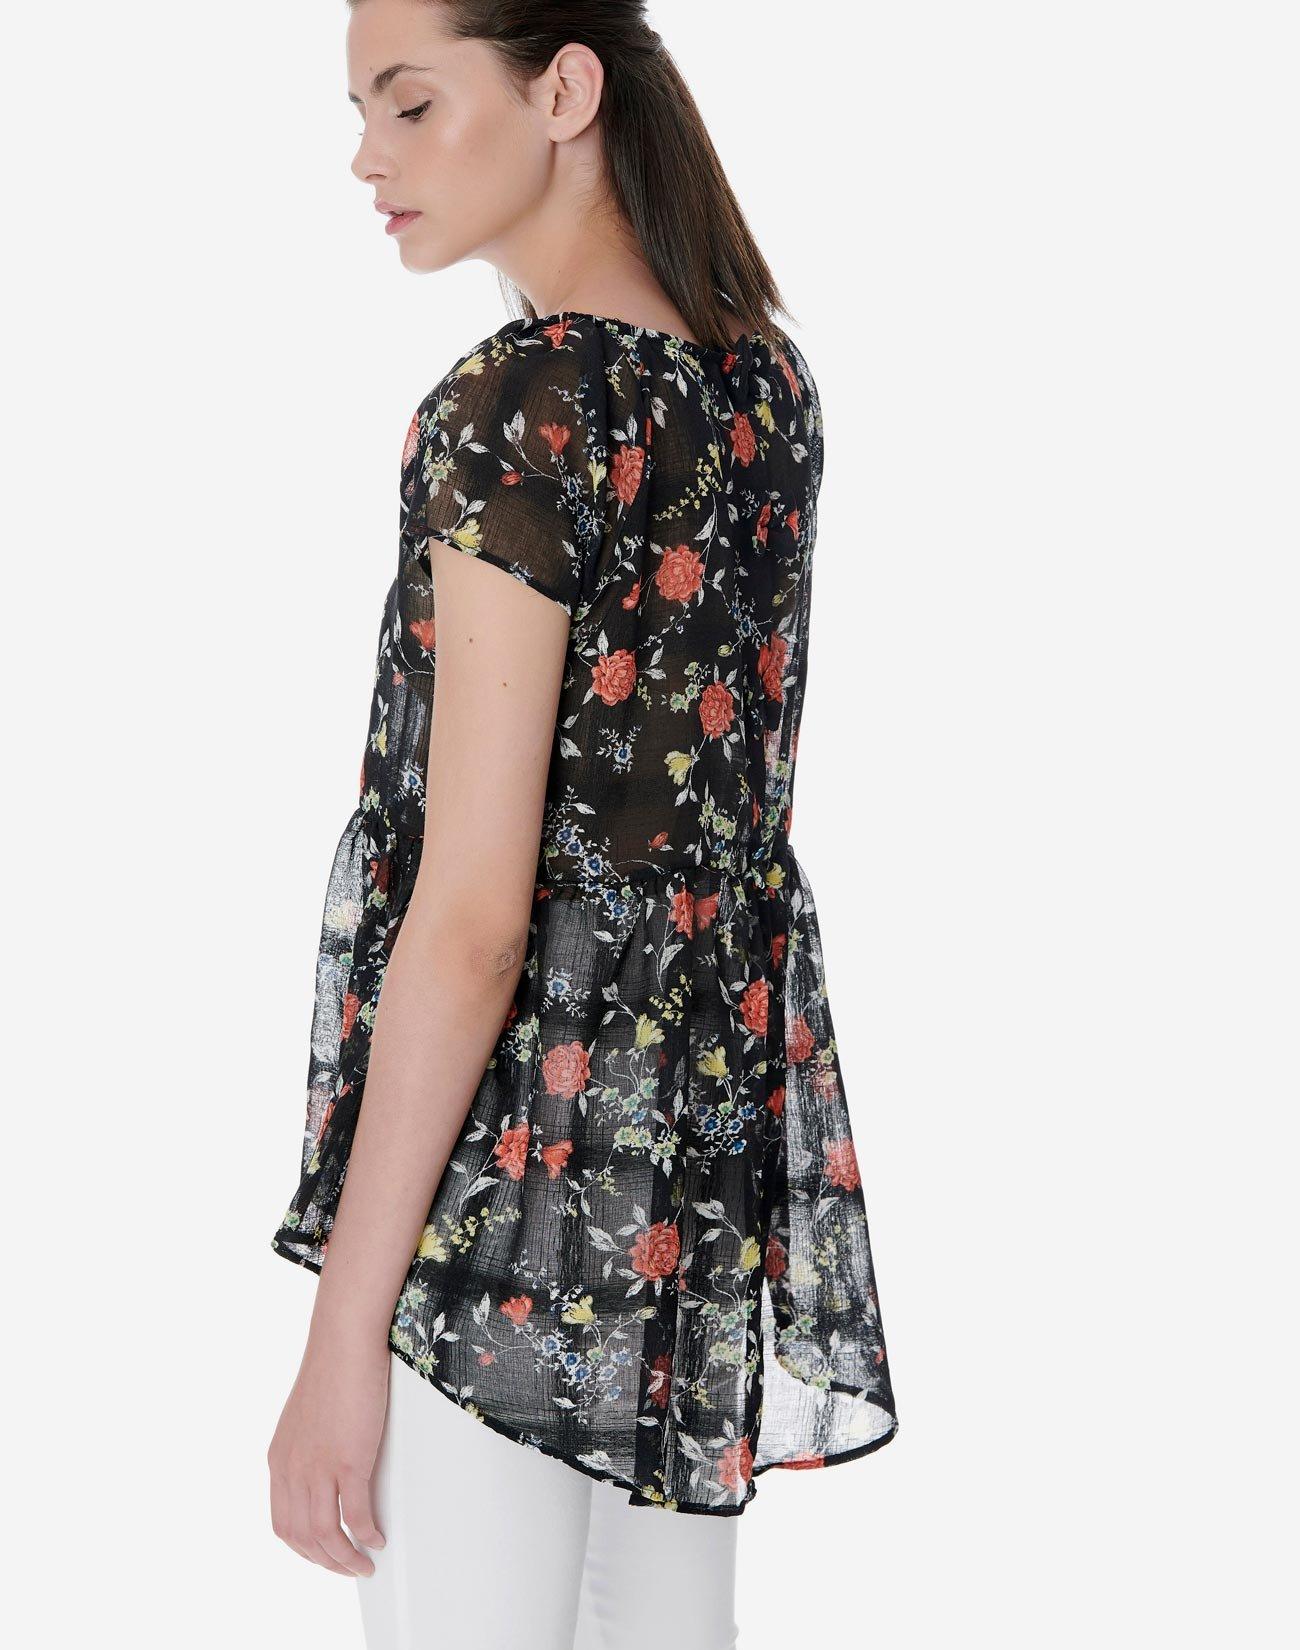 Semi sheer floral top